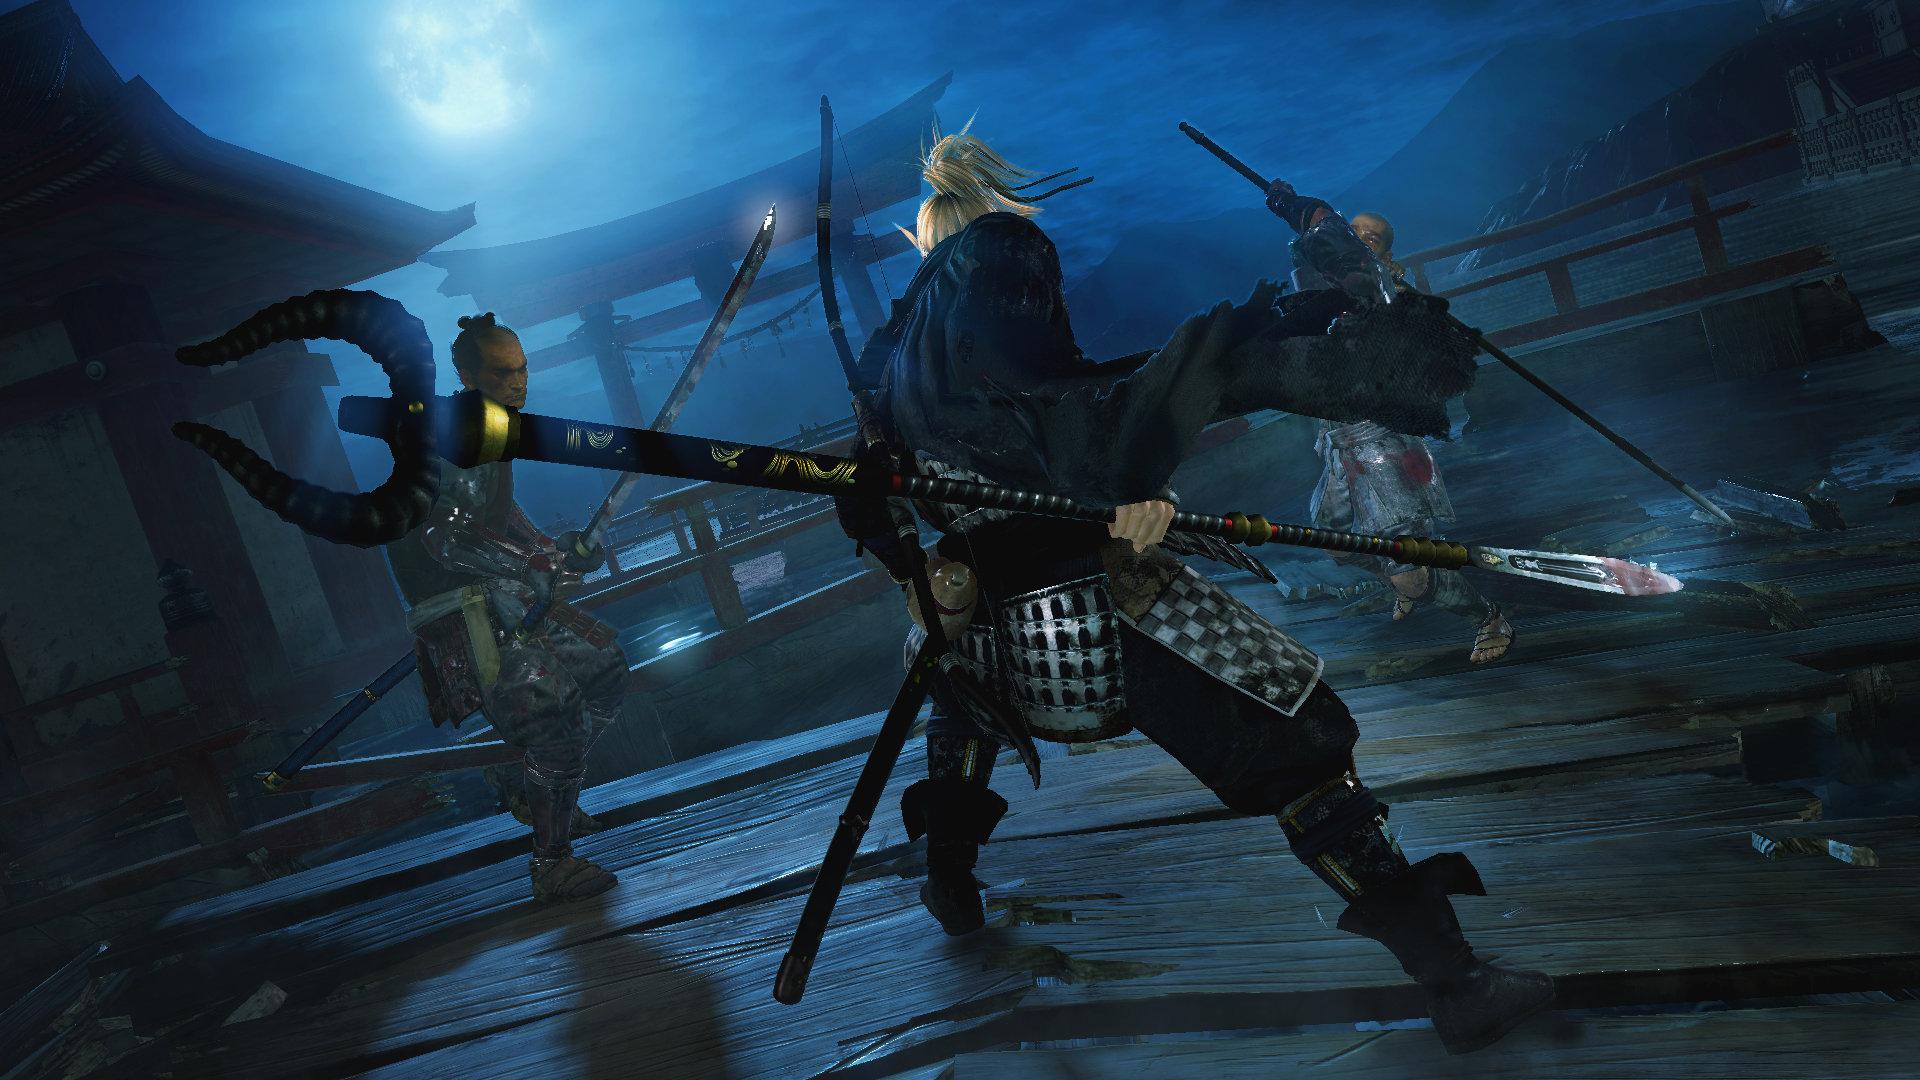 samurai rpg pc